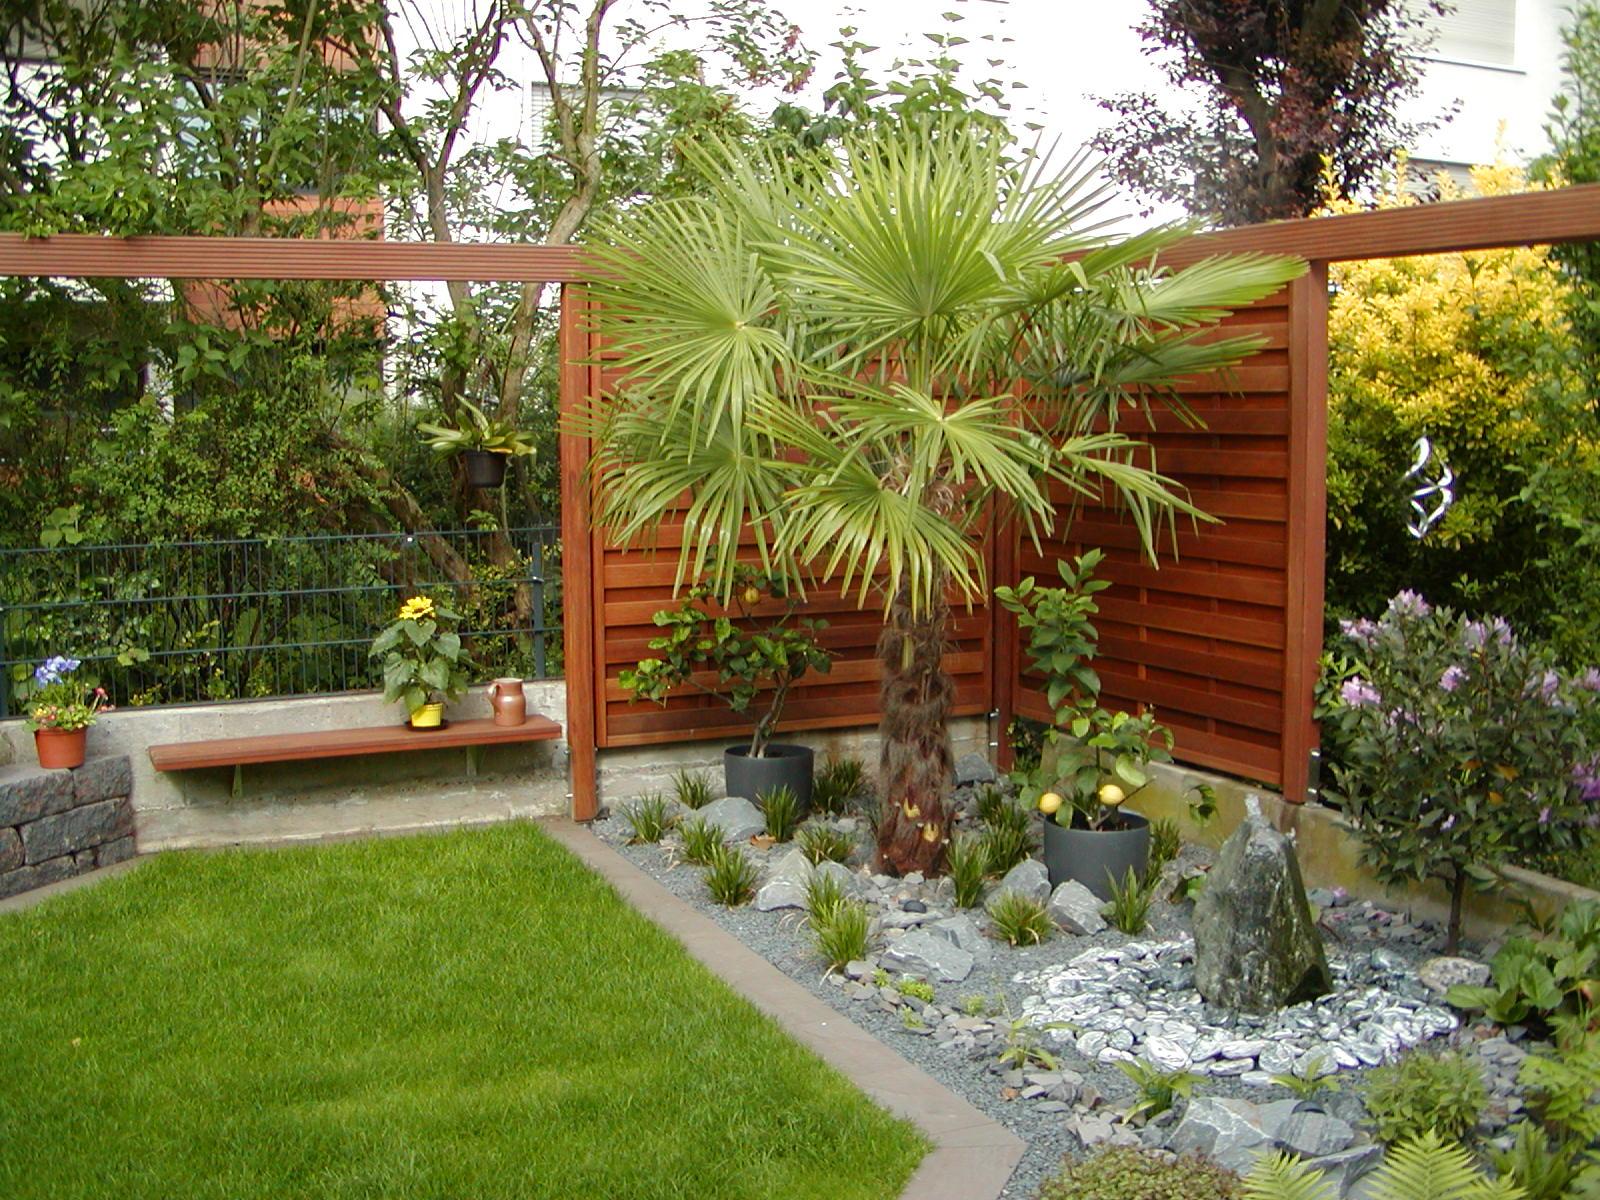 Pflanzen in nanopics pflegeleichter vorgarten mit for Kleinen vorgarten pflegeleicht gestalten